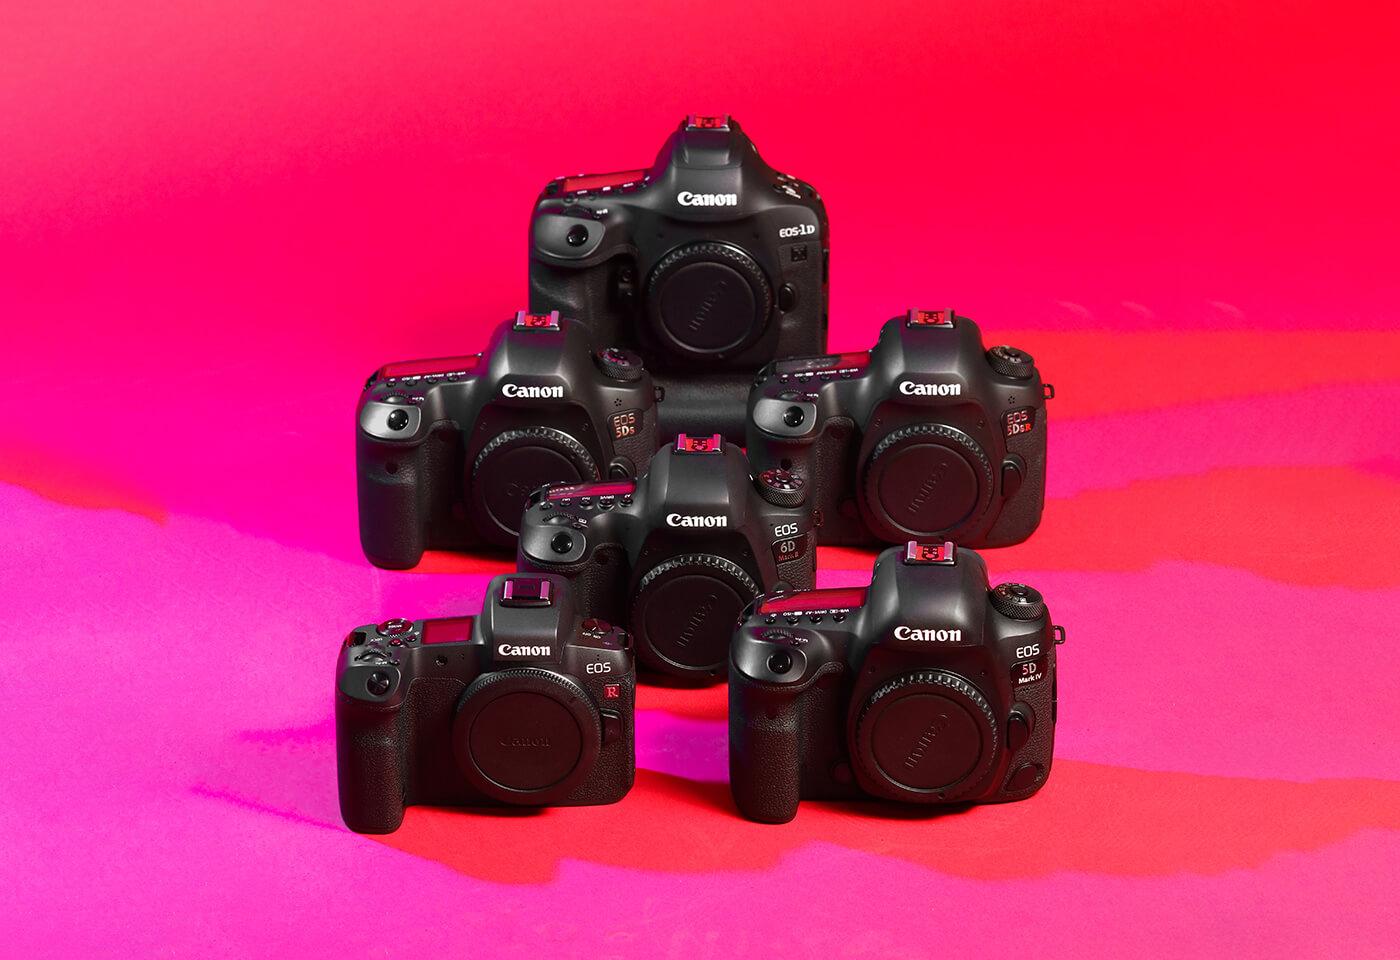 Canon EOS Cameras by Rob Caldwell